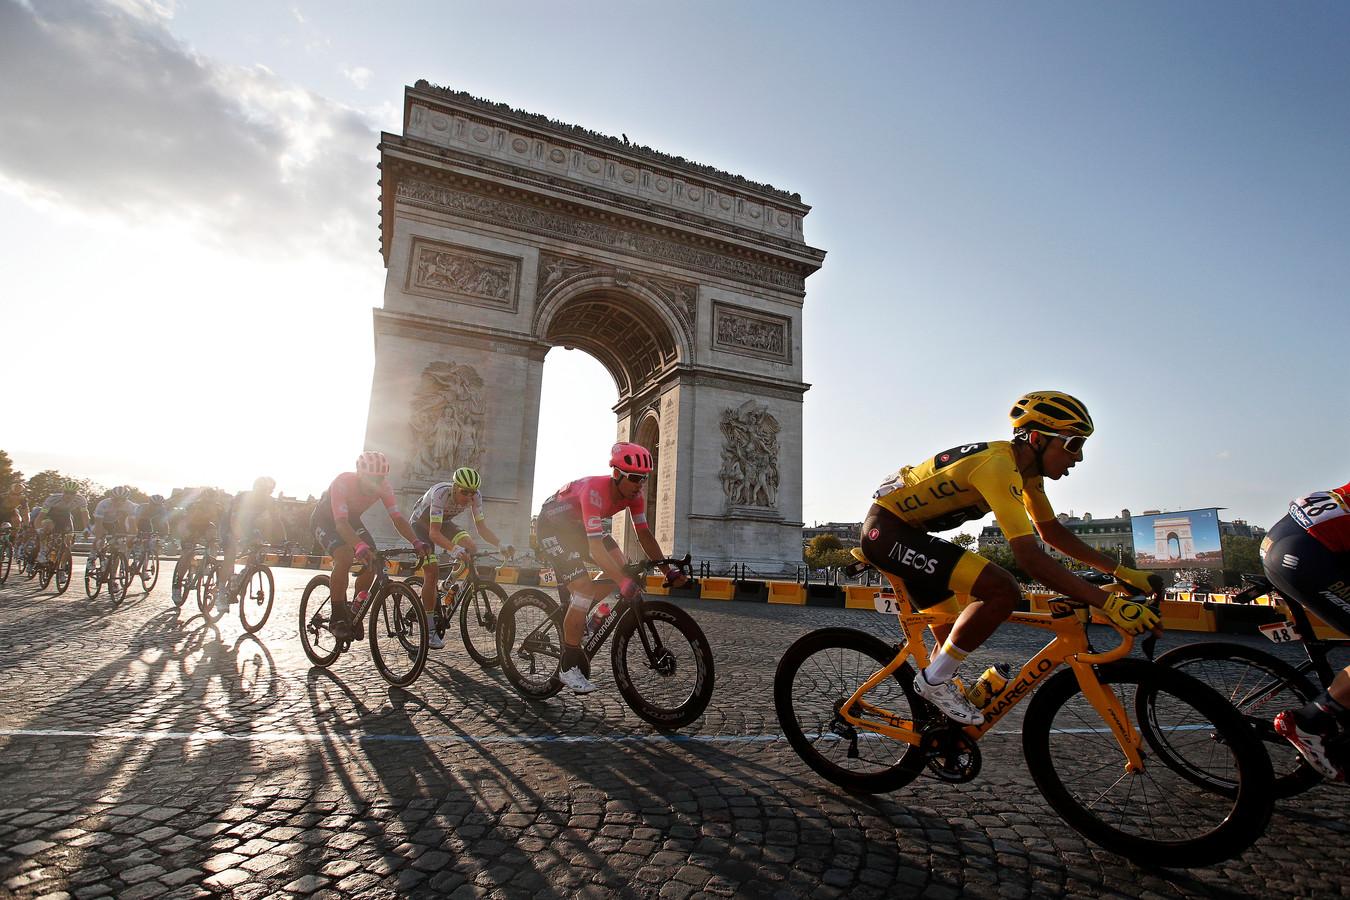 Komen de renners dit jaar op 20 september aan in Parijs?